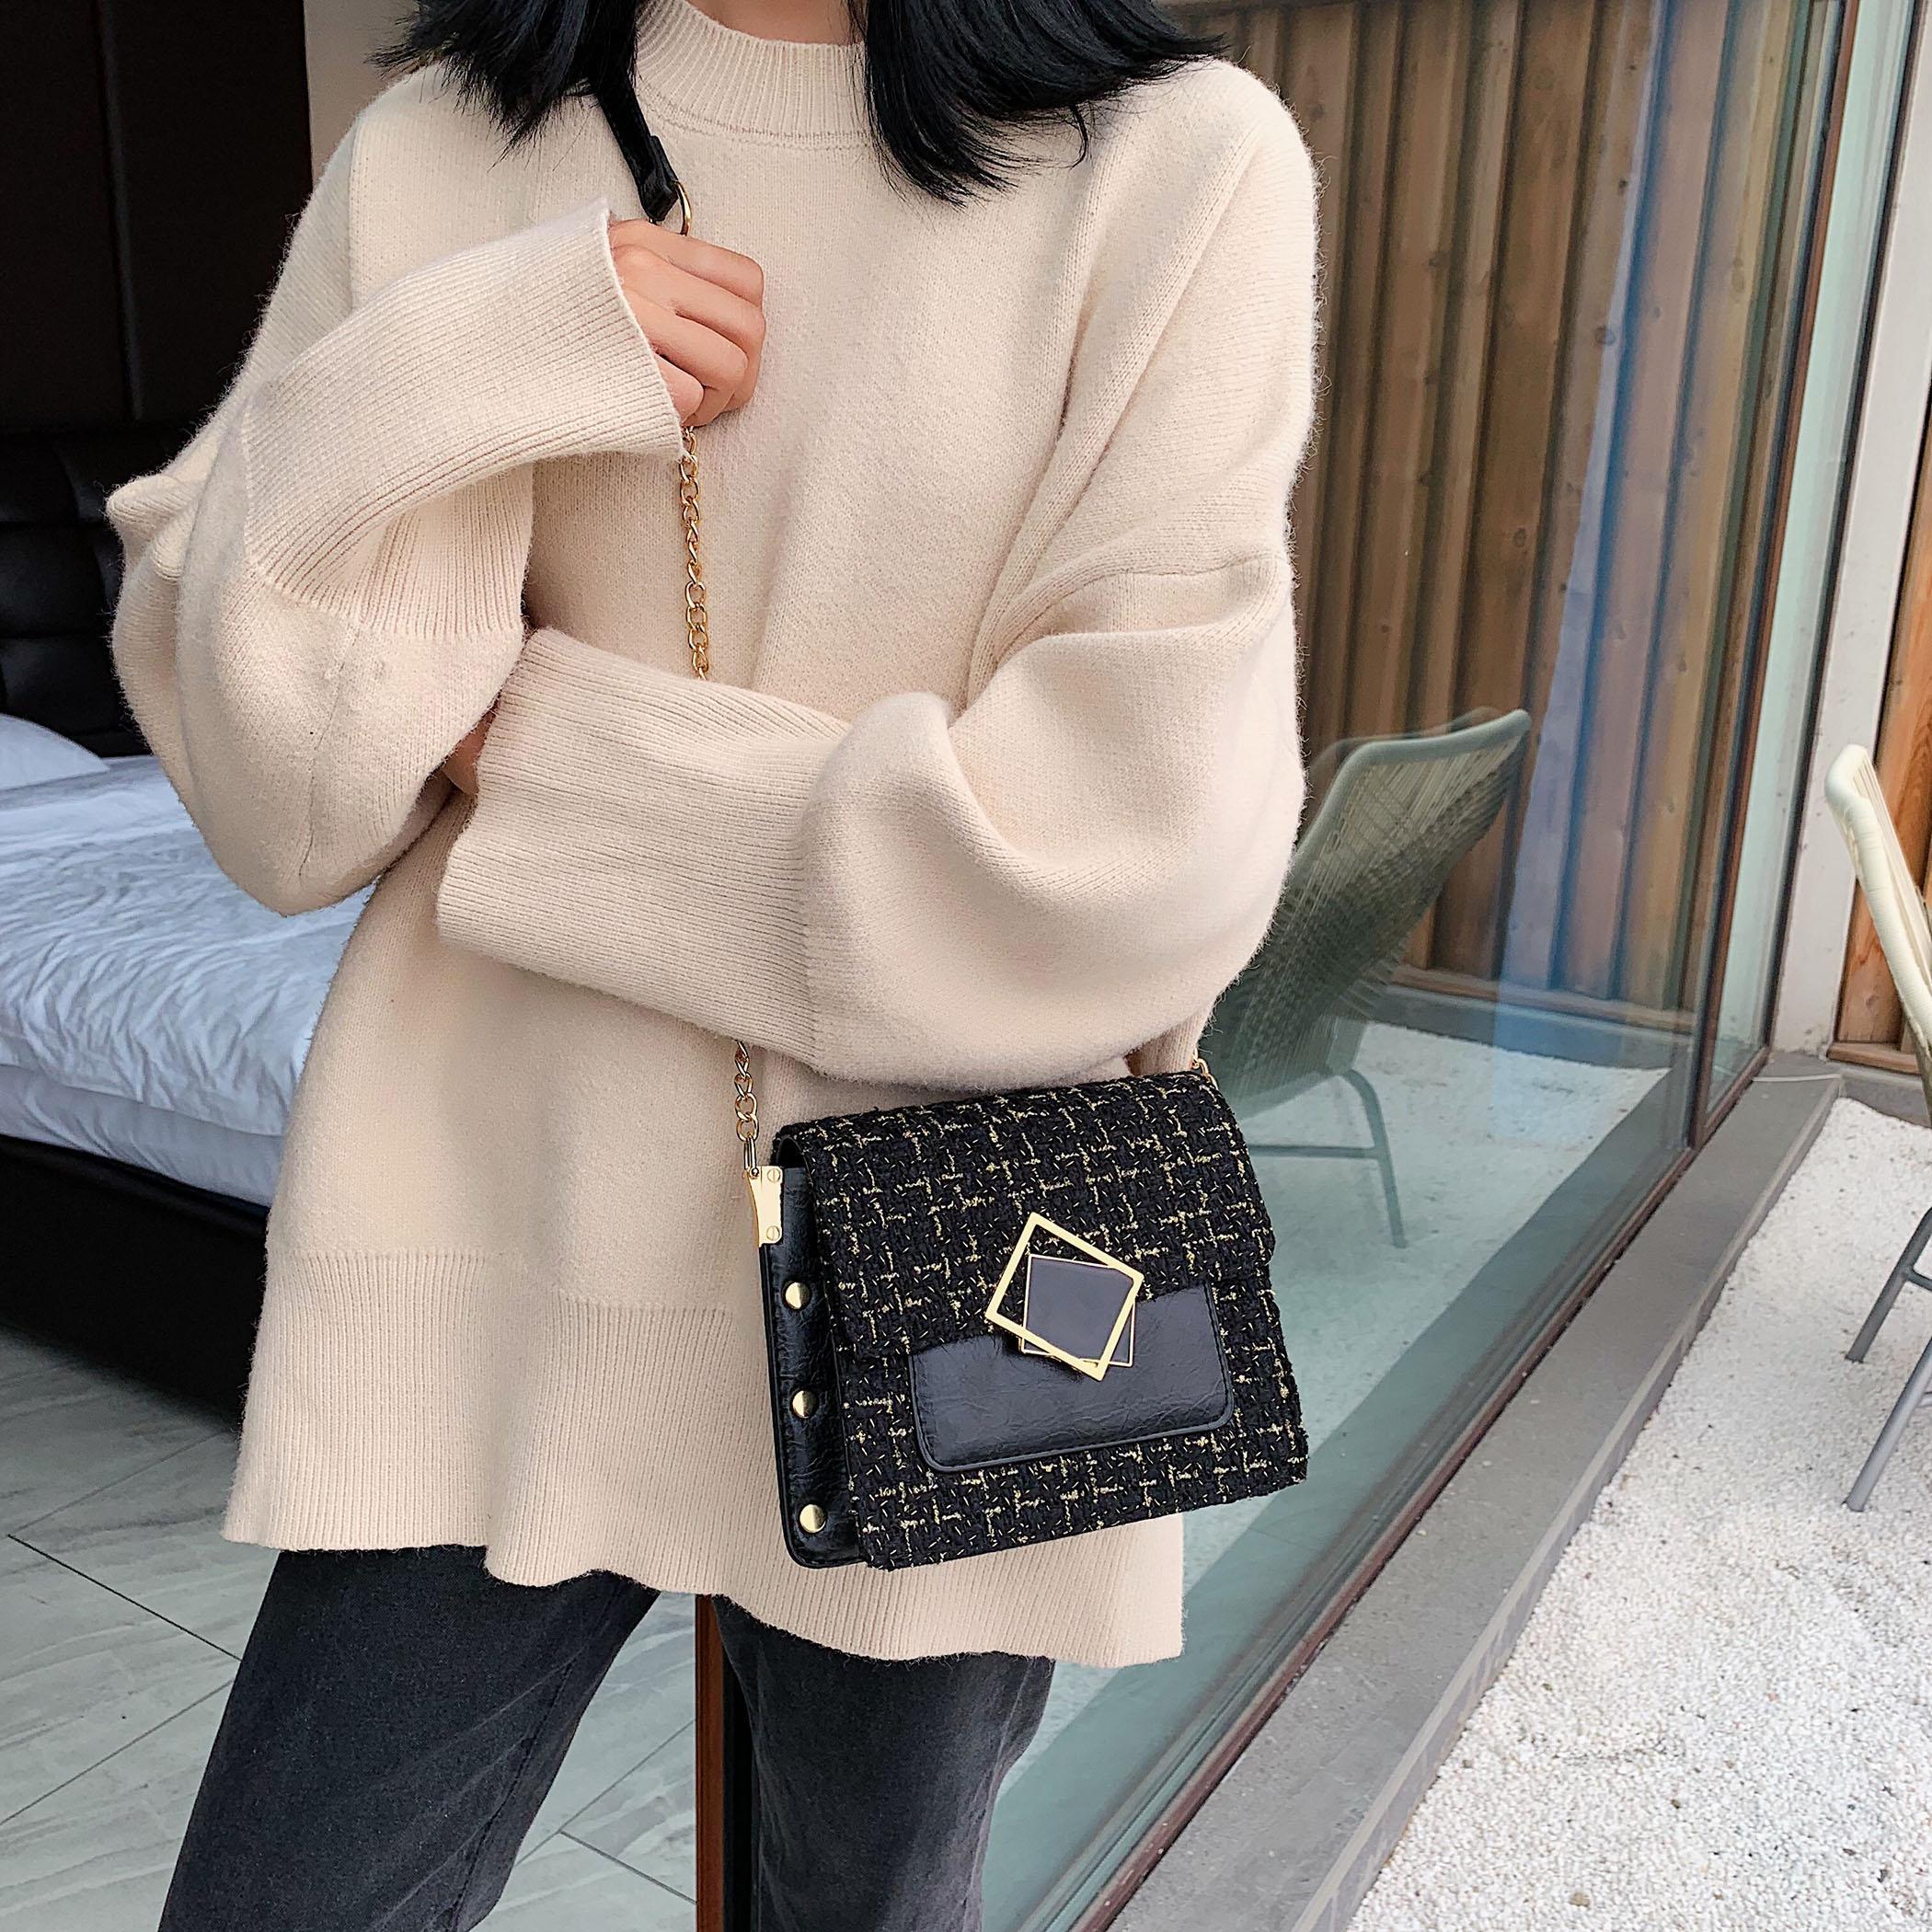 Hairy Crossbody empaqueta para las mujeres 2020 de invierno Pequeño mensajero del hombro del bolso de la señora de cadena de cerradura Bolsos Mujer Bolso de mano